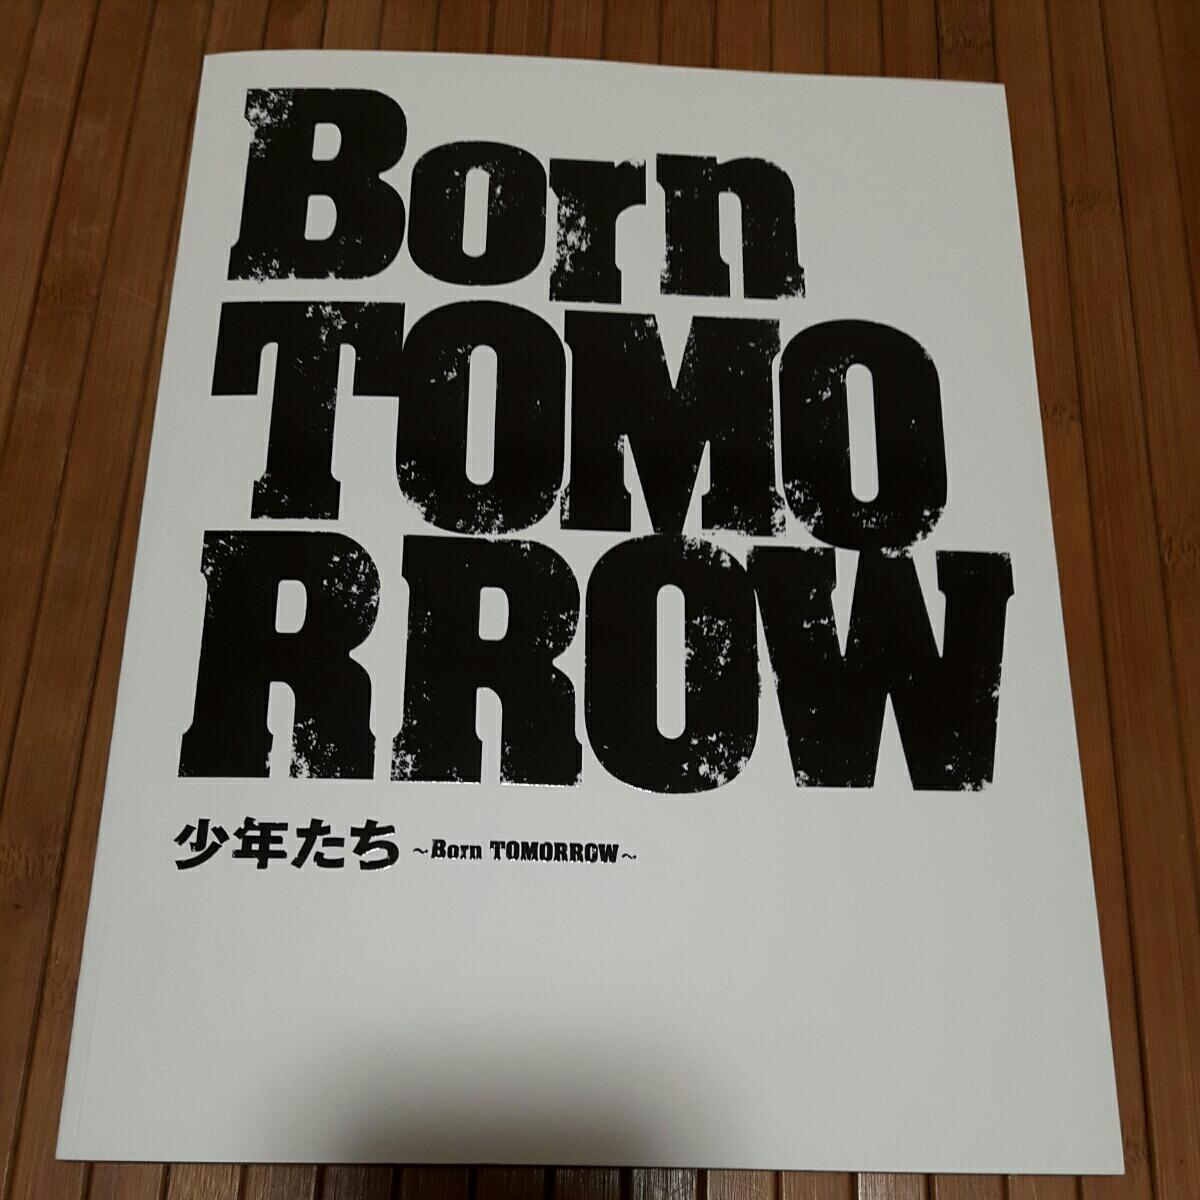 ジャニーズJr.舞台「少年たち~Born TOMORROW~」パンフレット